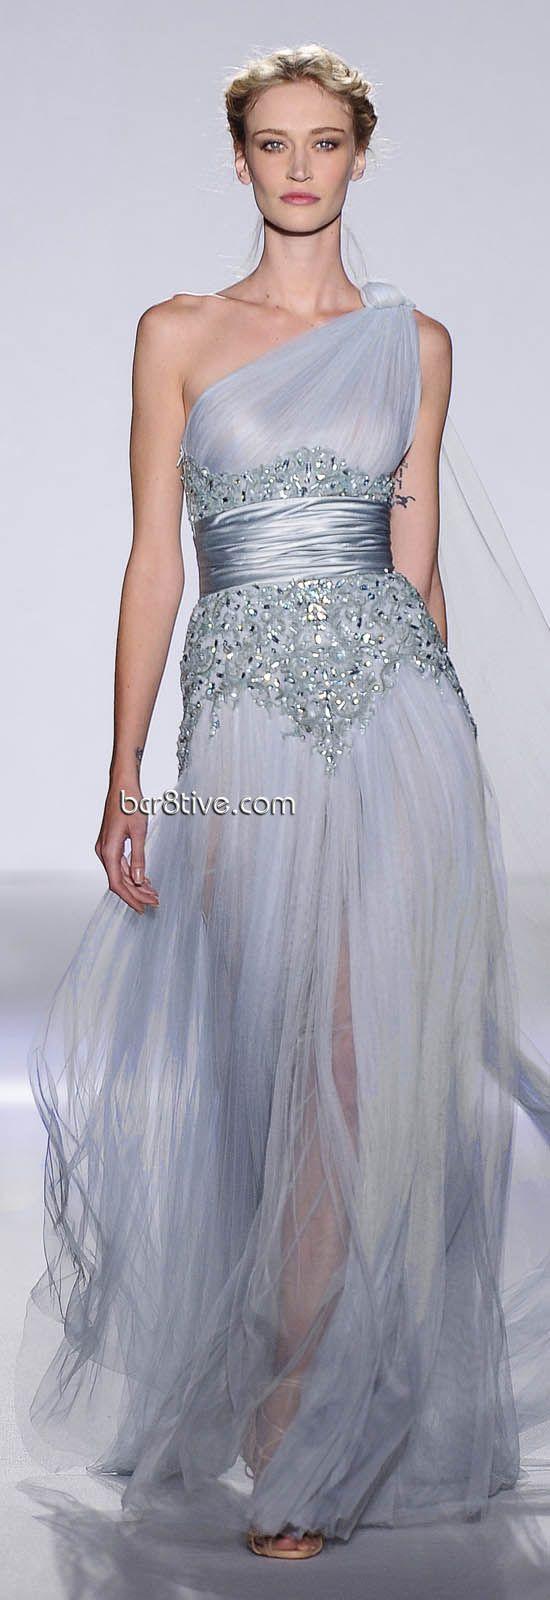 Zuhair Murad Spring Summer 2013 Haute Couture - Paris                                                                                                                                                                                 Mehr